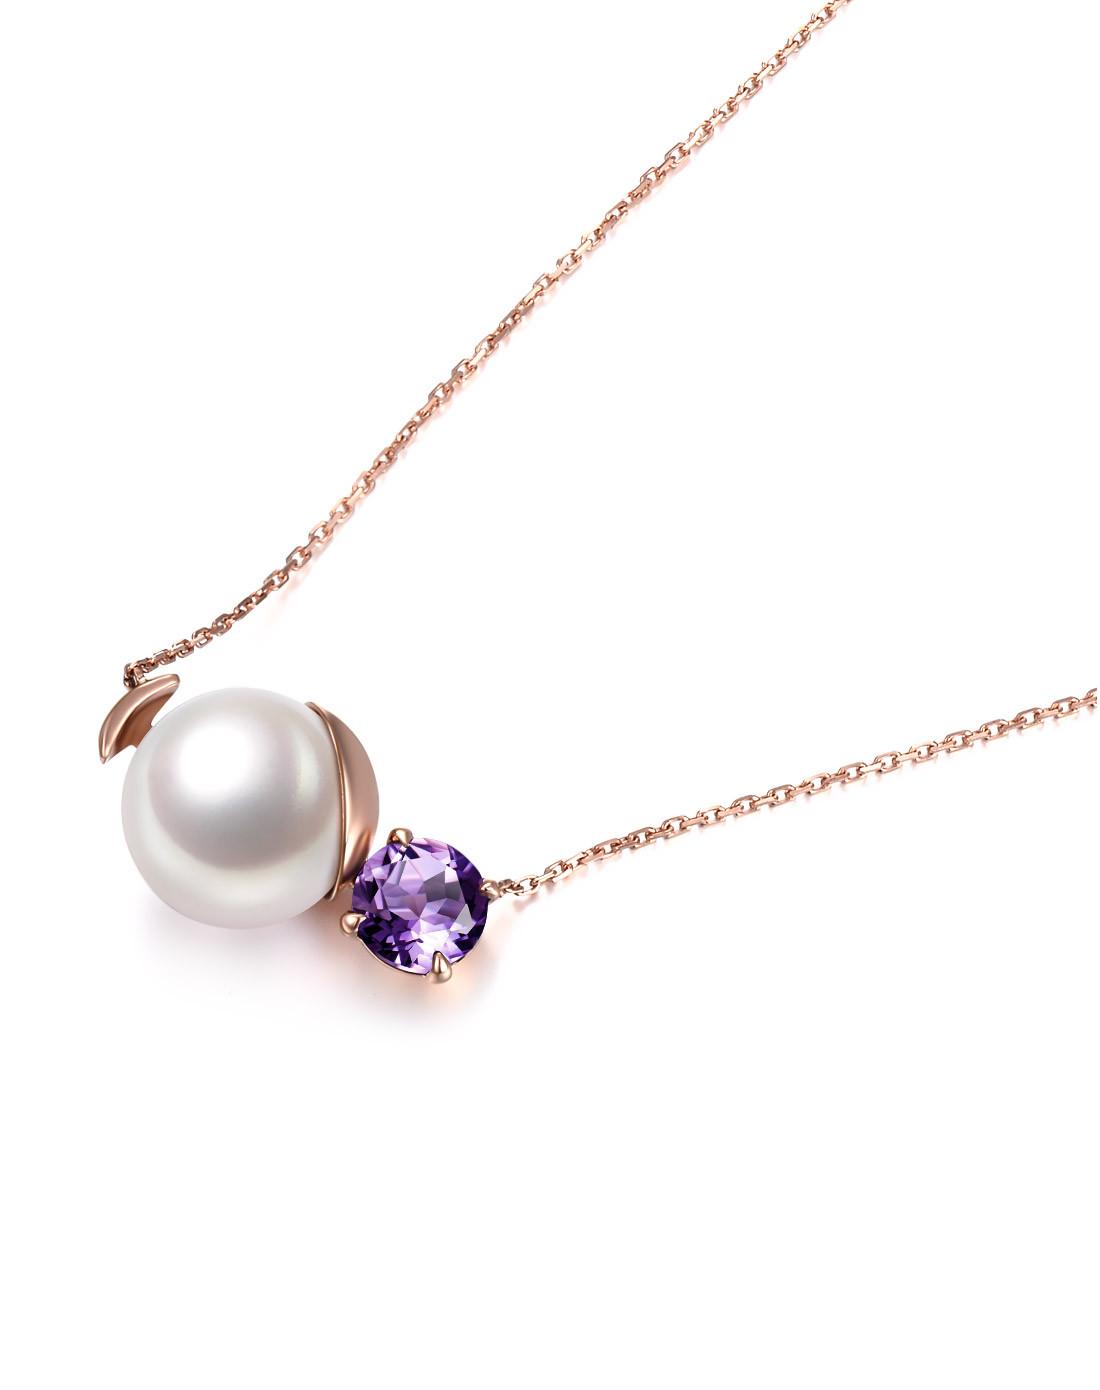 北海珍珠批发   北海淡水珍珠18K宝石珍珠项链时尚项链